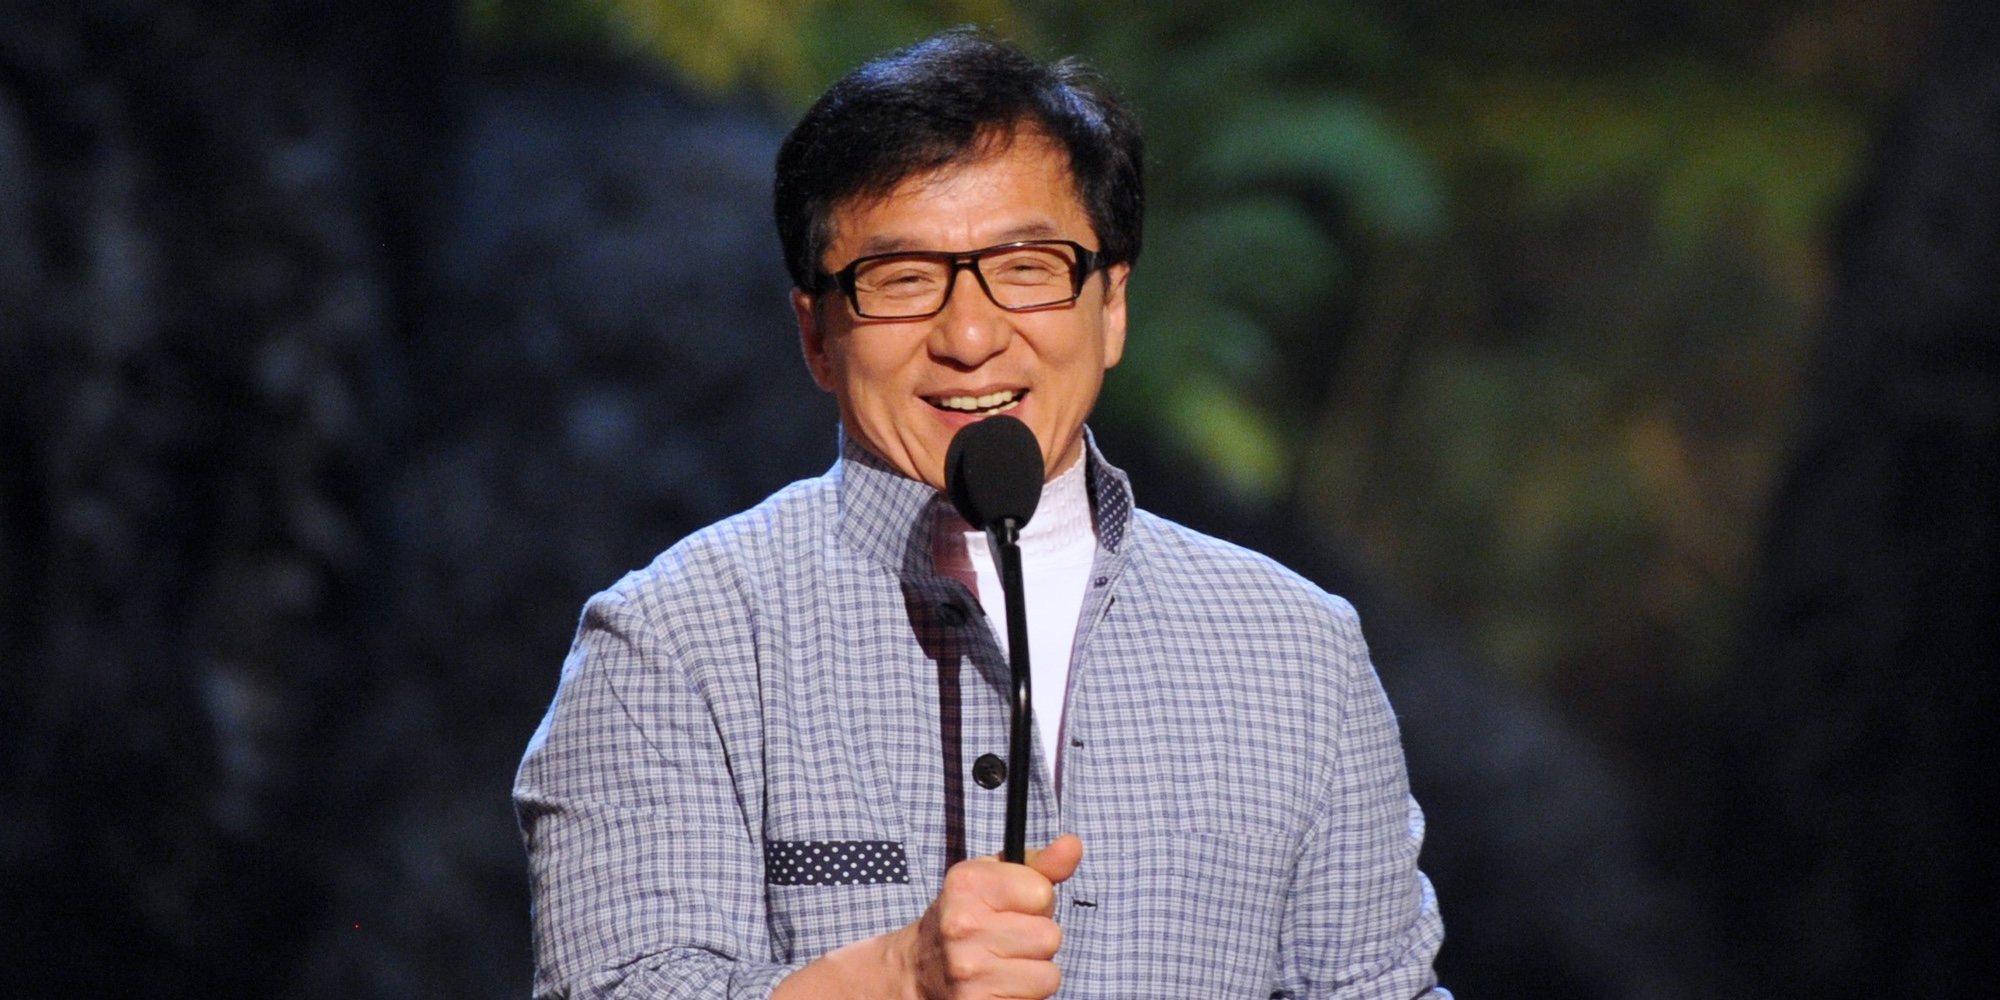 La hija de Jackie Chan, desahuciada y desaparecida con su novia a causa de la homofobia de su familia